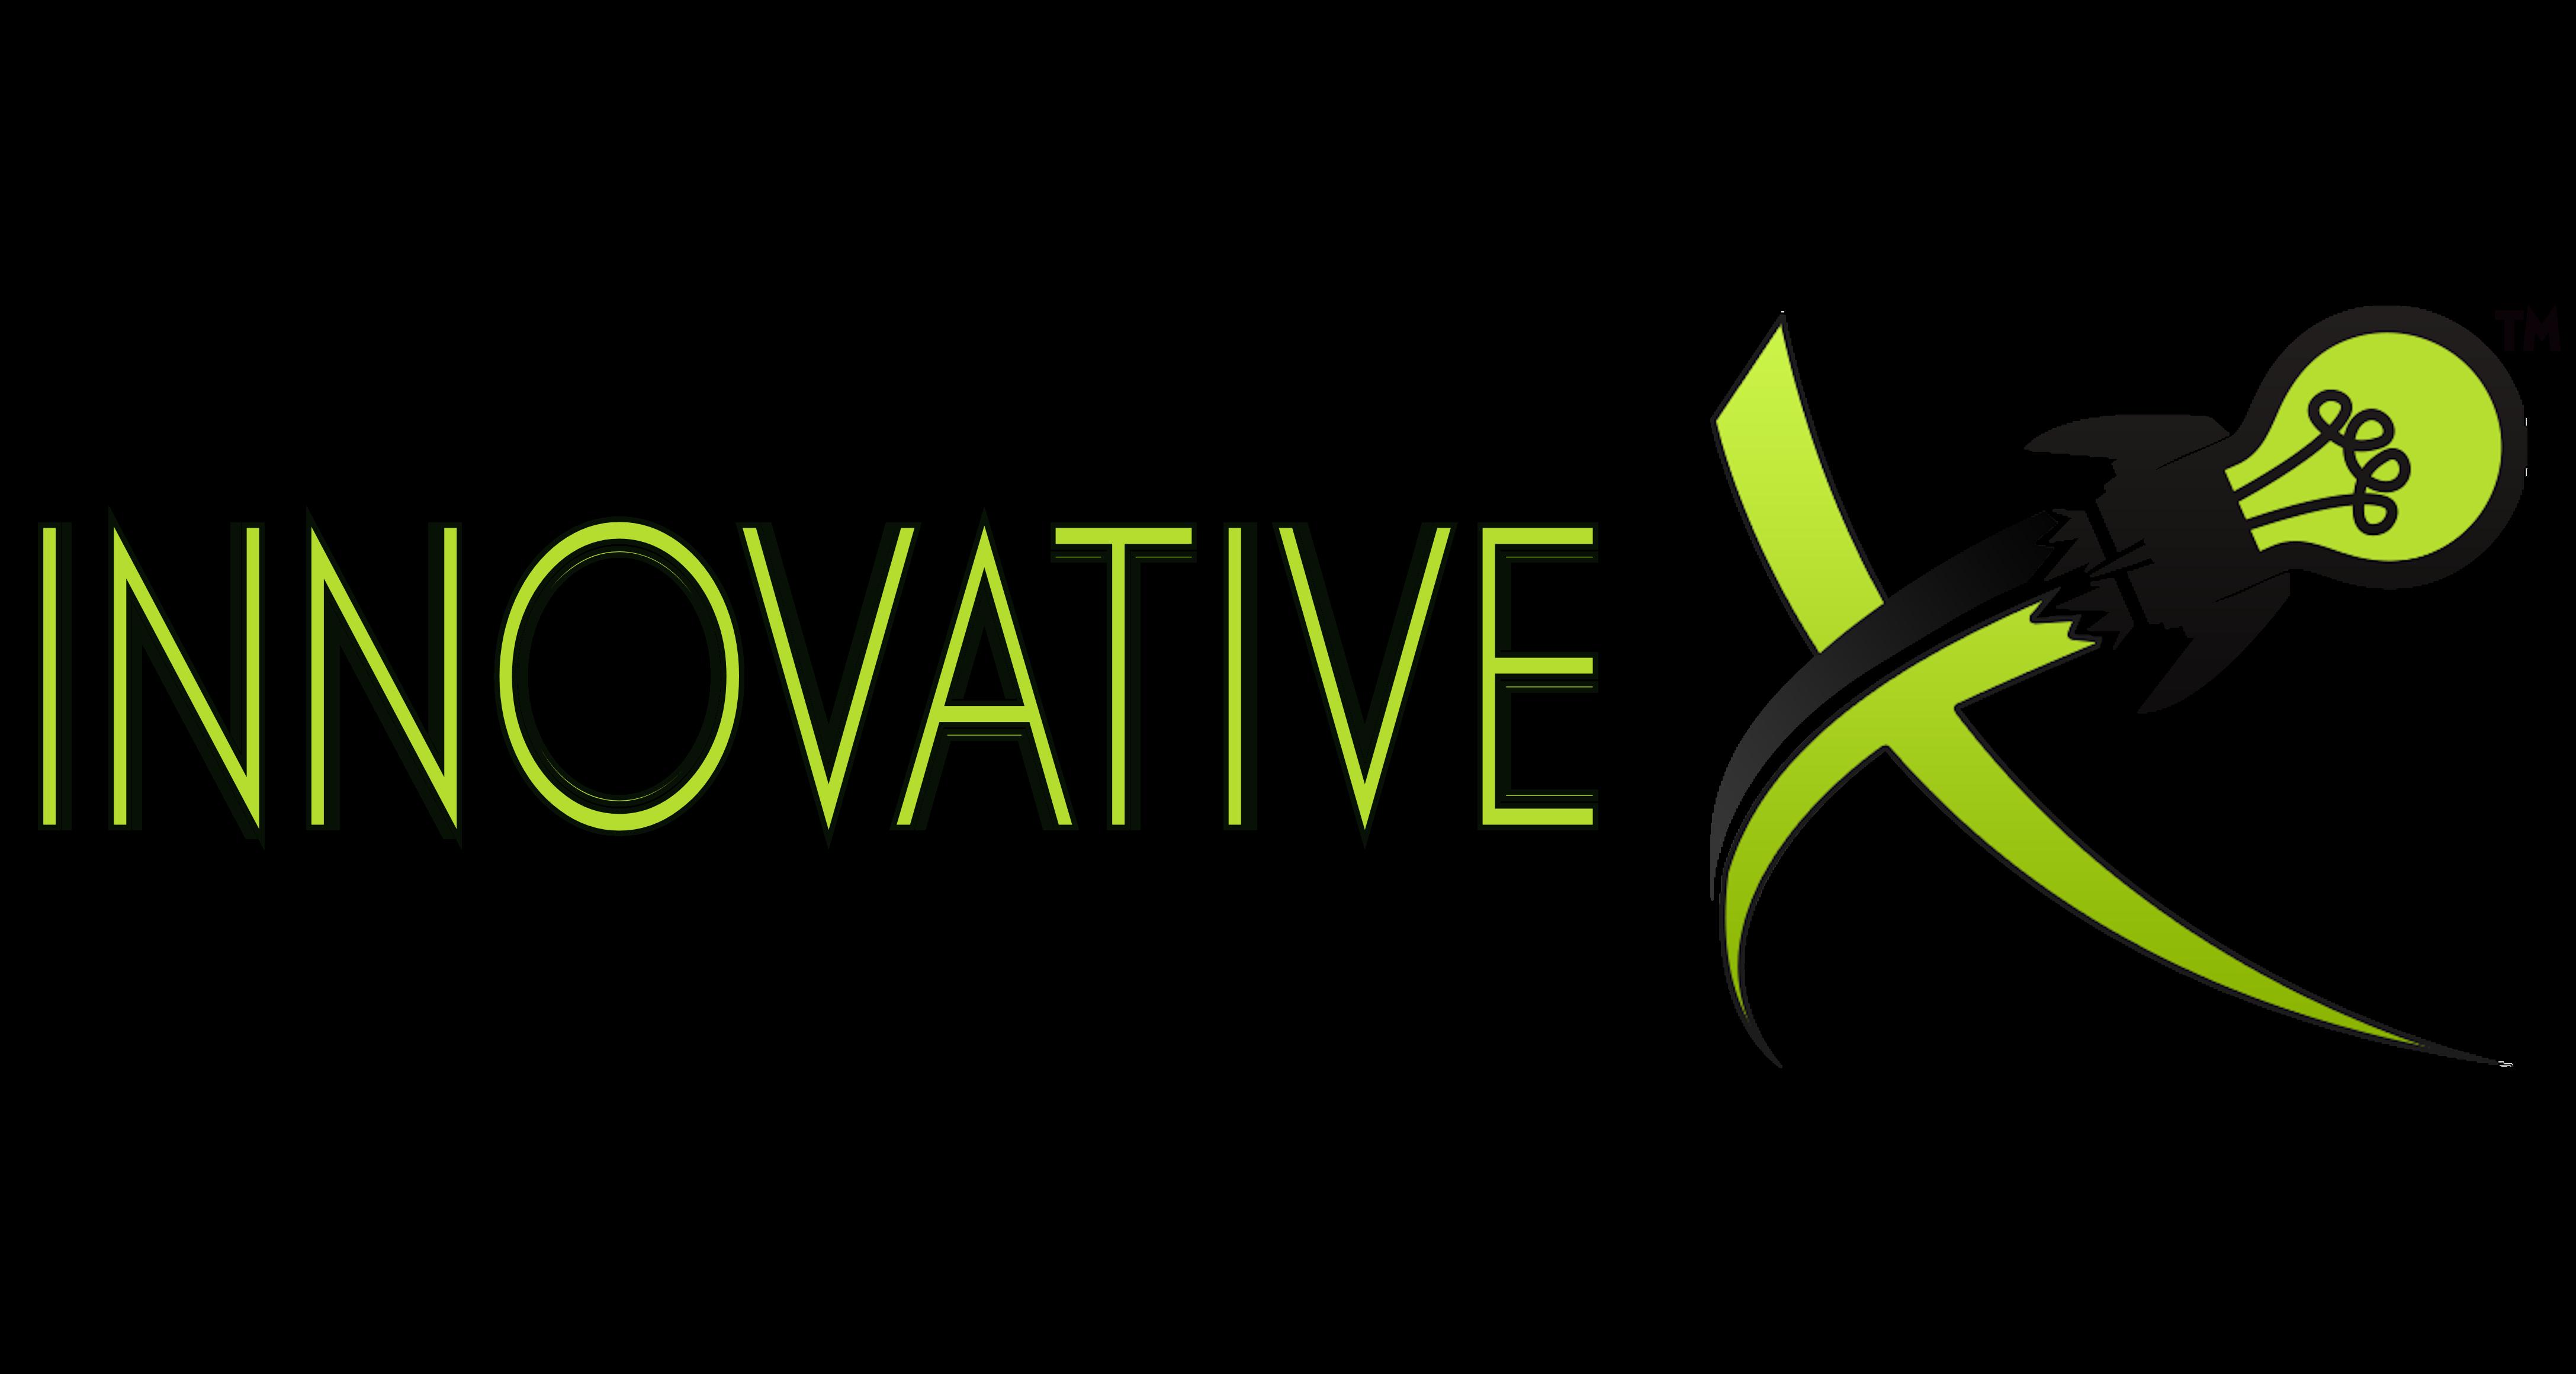 Innovative X